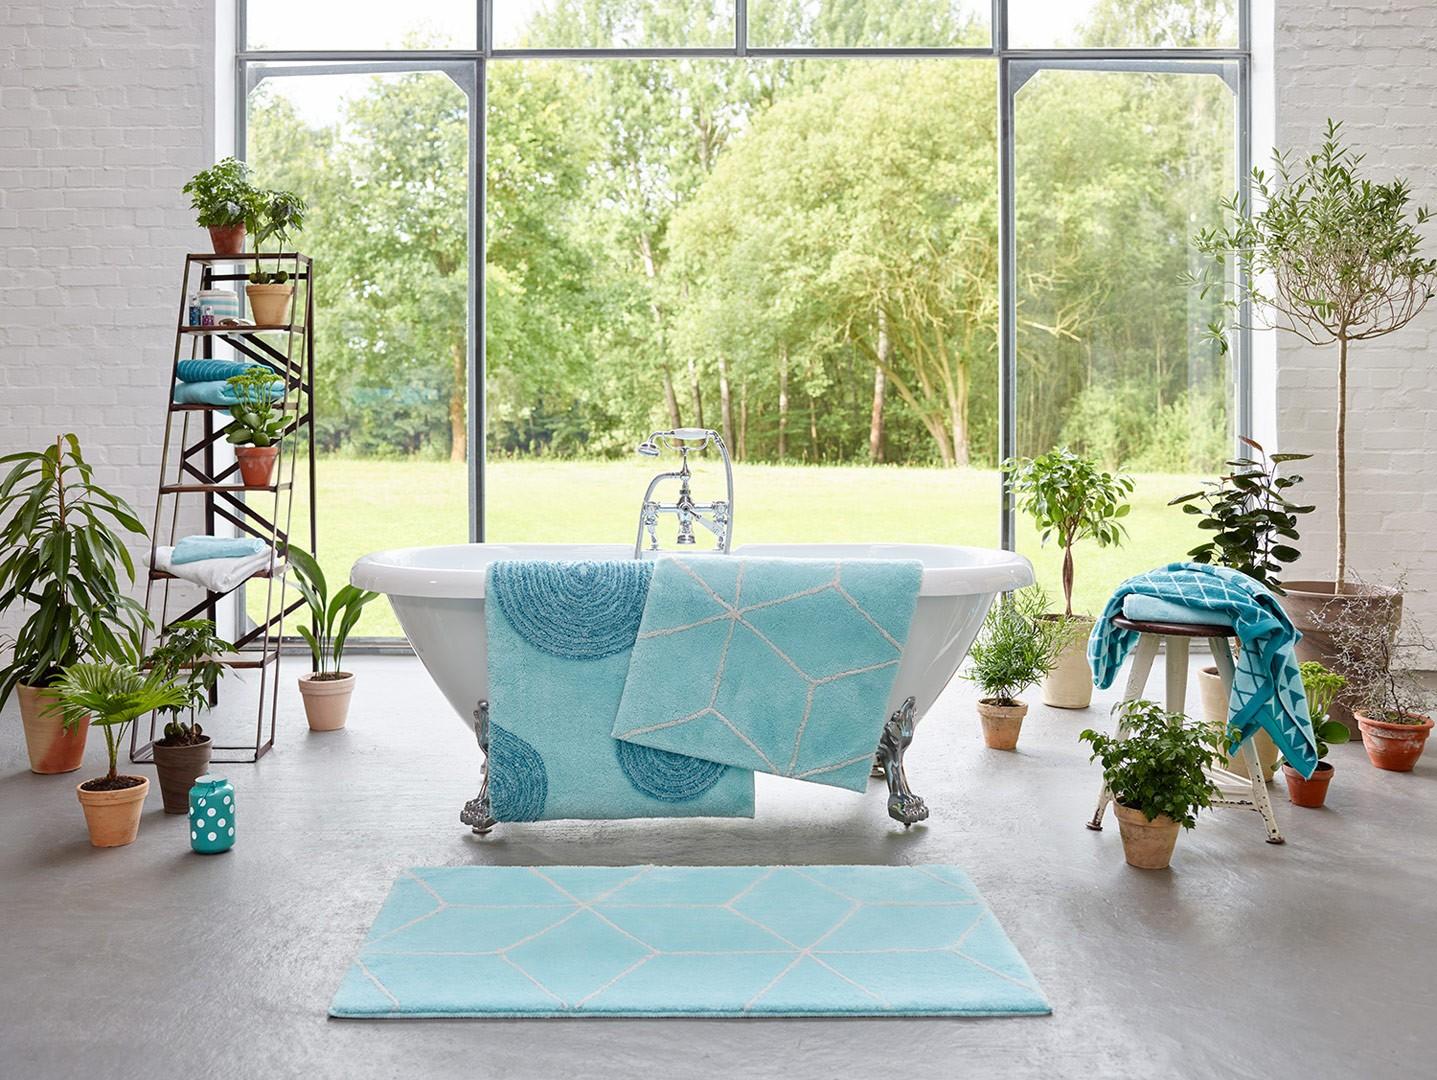 tapis pour salle de bain turquoise en acrylique yoga. Black Bedroom Furniture Sets. Home Design Ideas